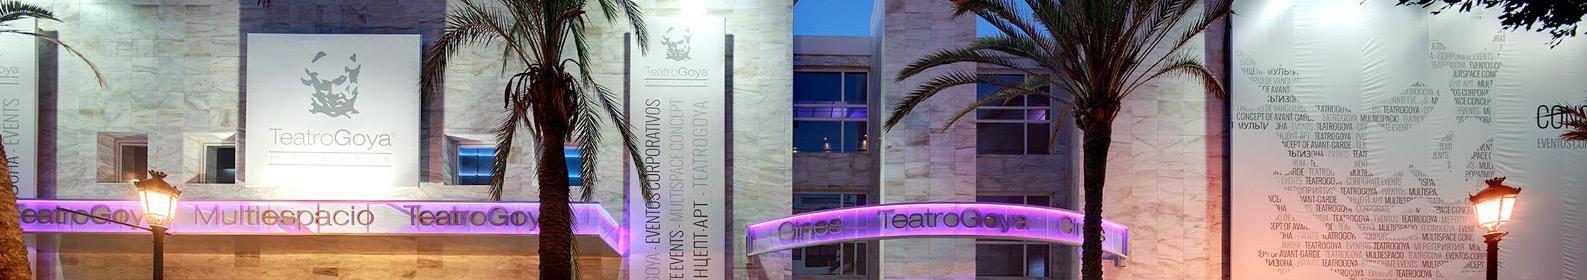 Teatro Goya de Madrid